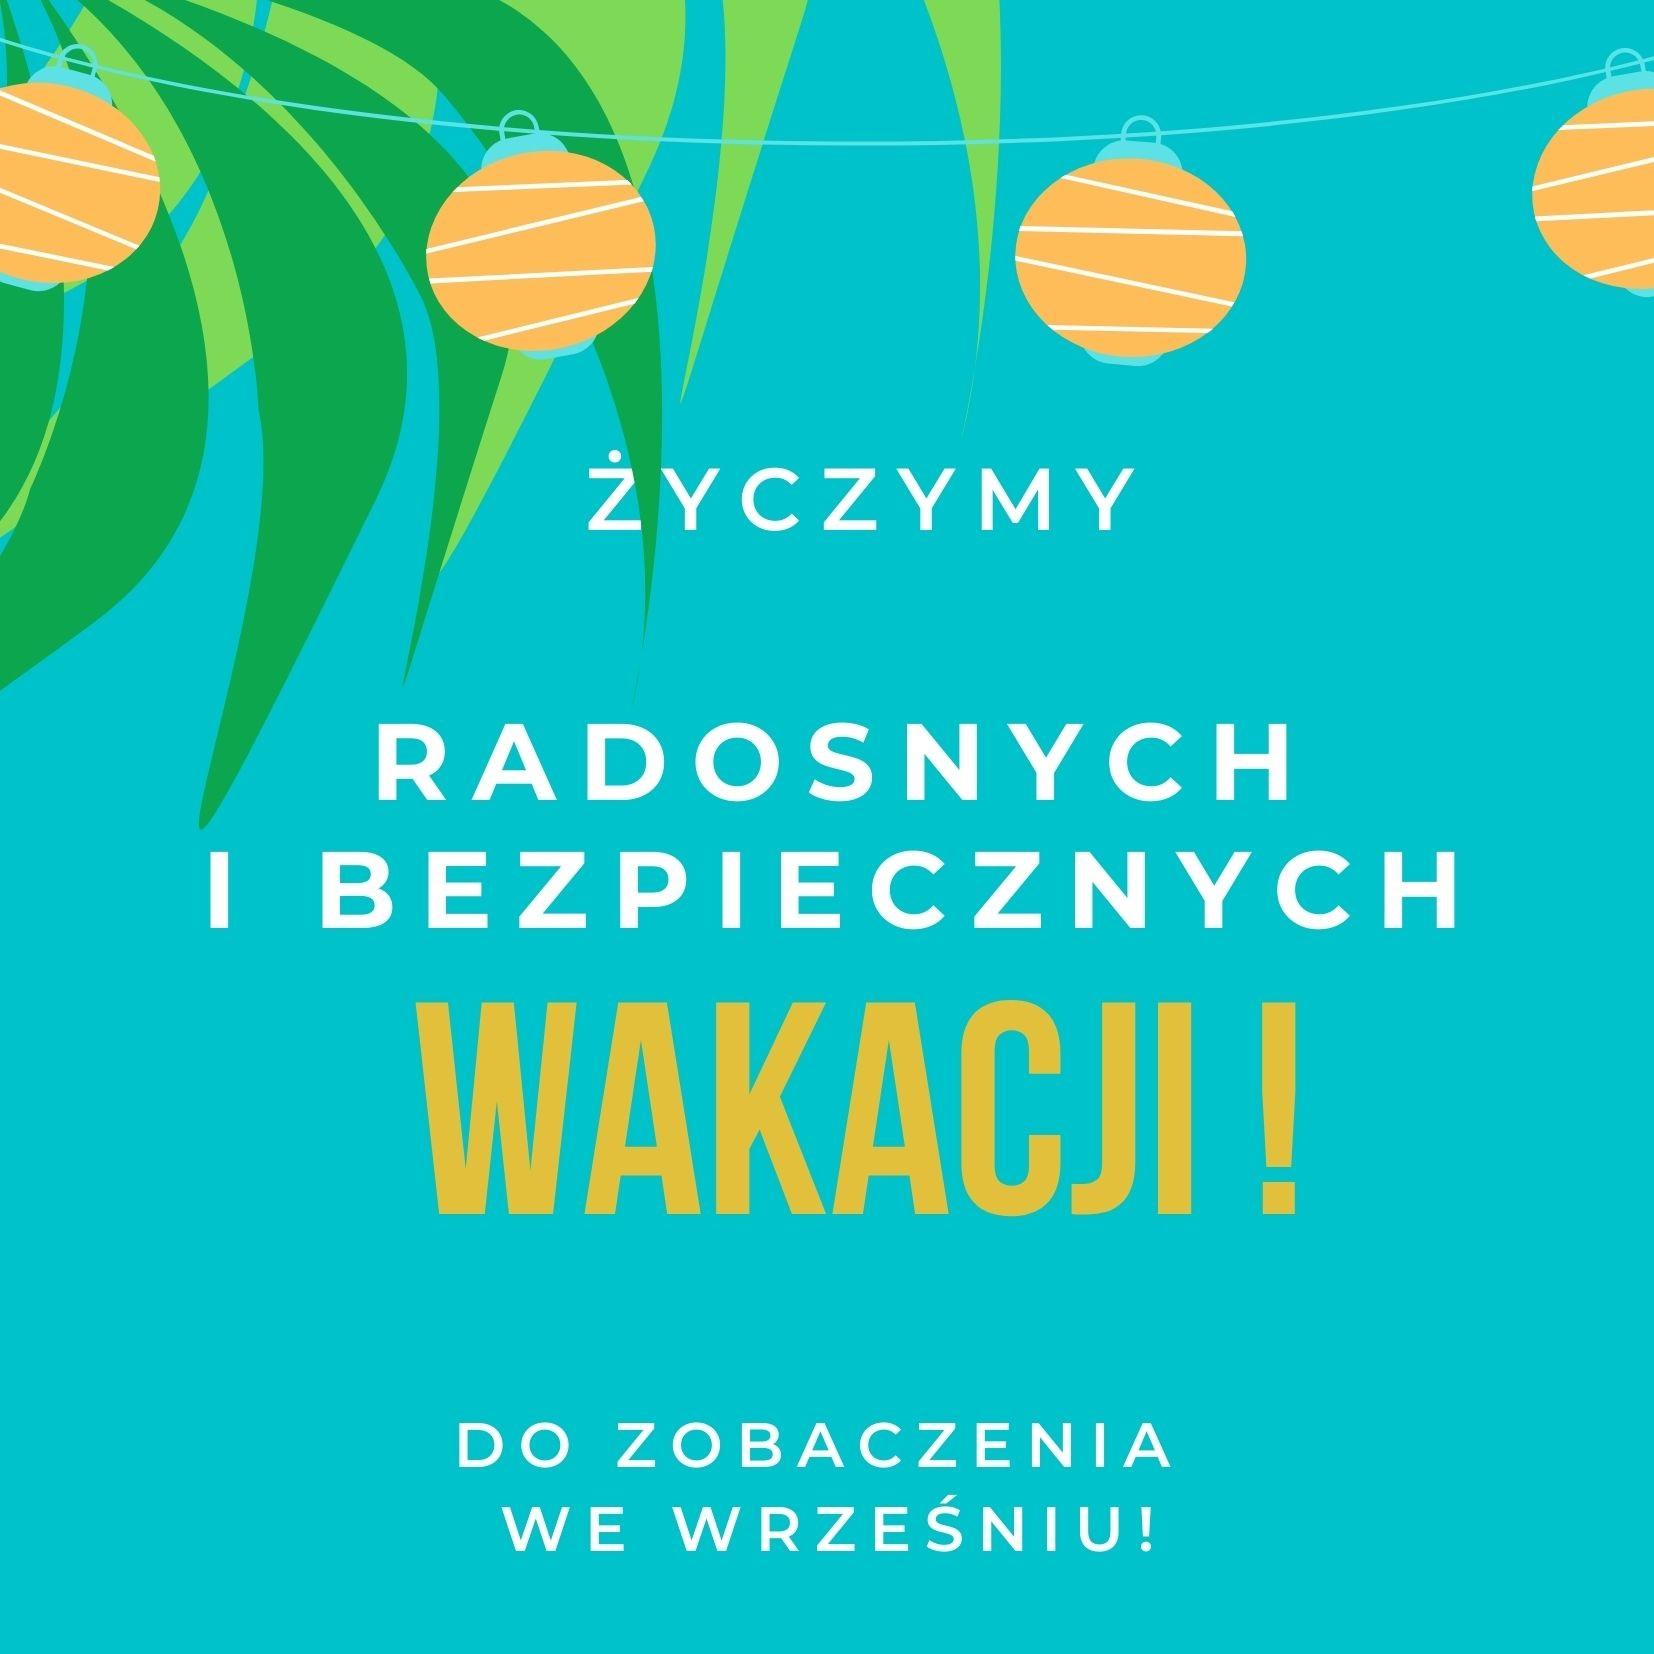 Życzymy radosnych i bezpiecznych wakacji!